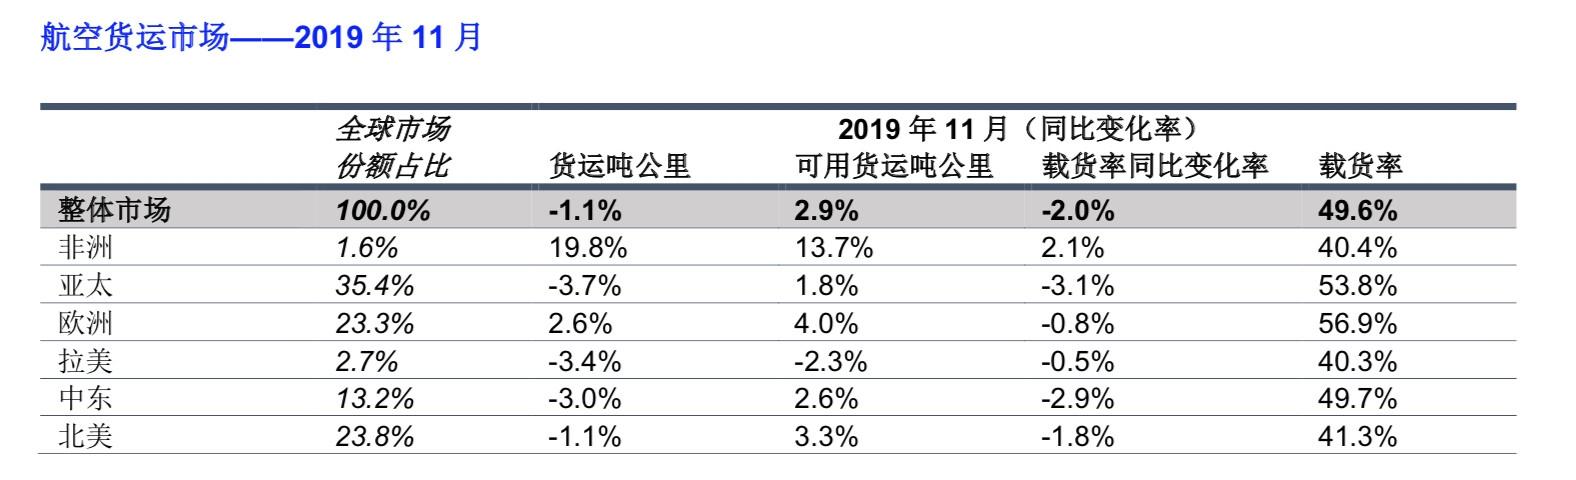 国际航协:全球航空客运需求持续增长 货运需求连降13月 沛县资讯